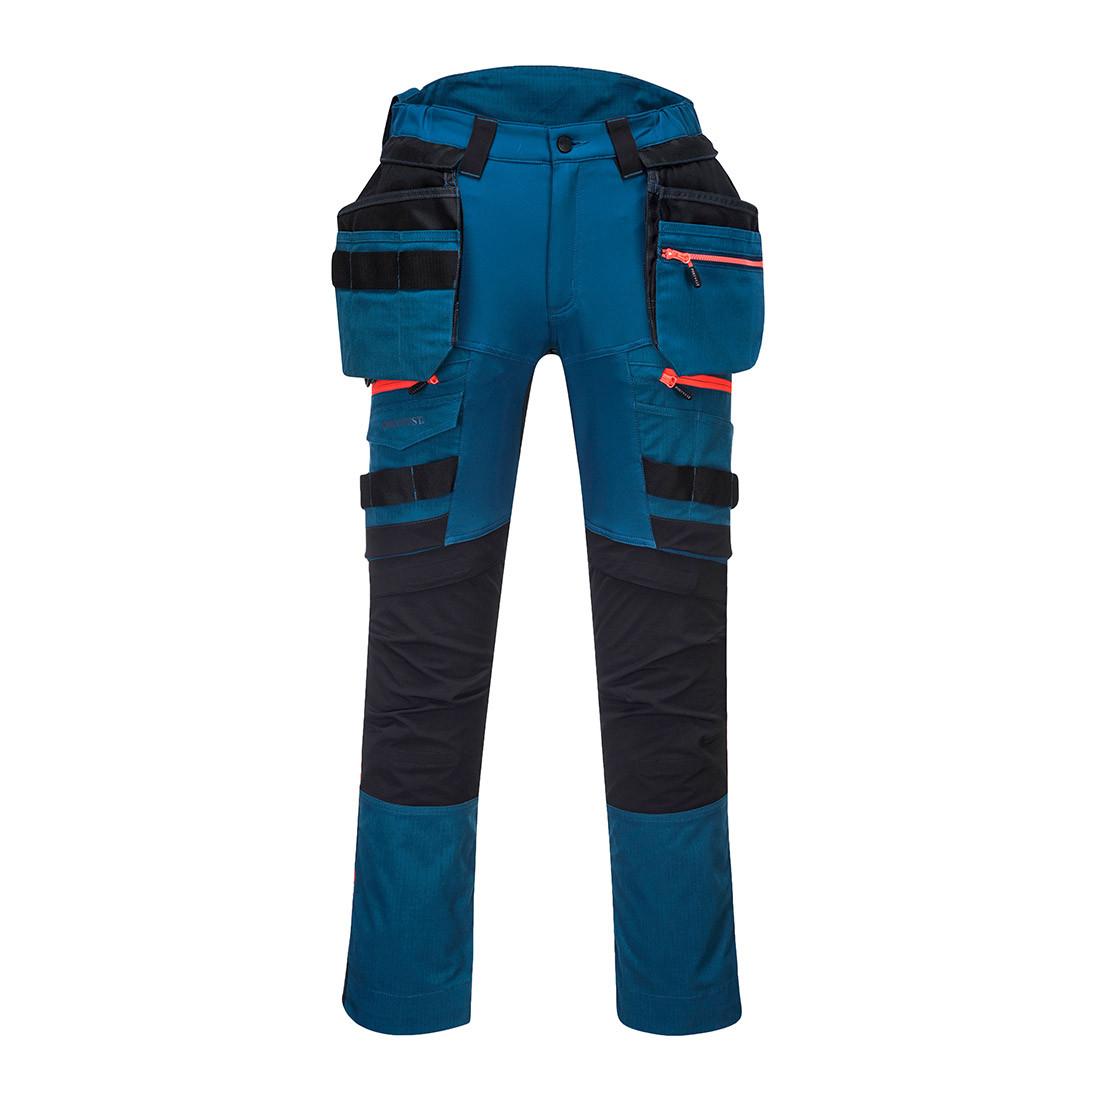 Pantaloni DX3 Holster - Imbracaminte de protectie